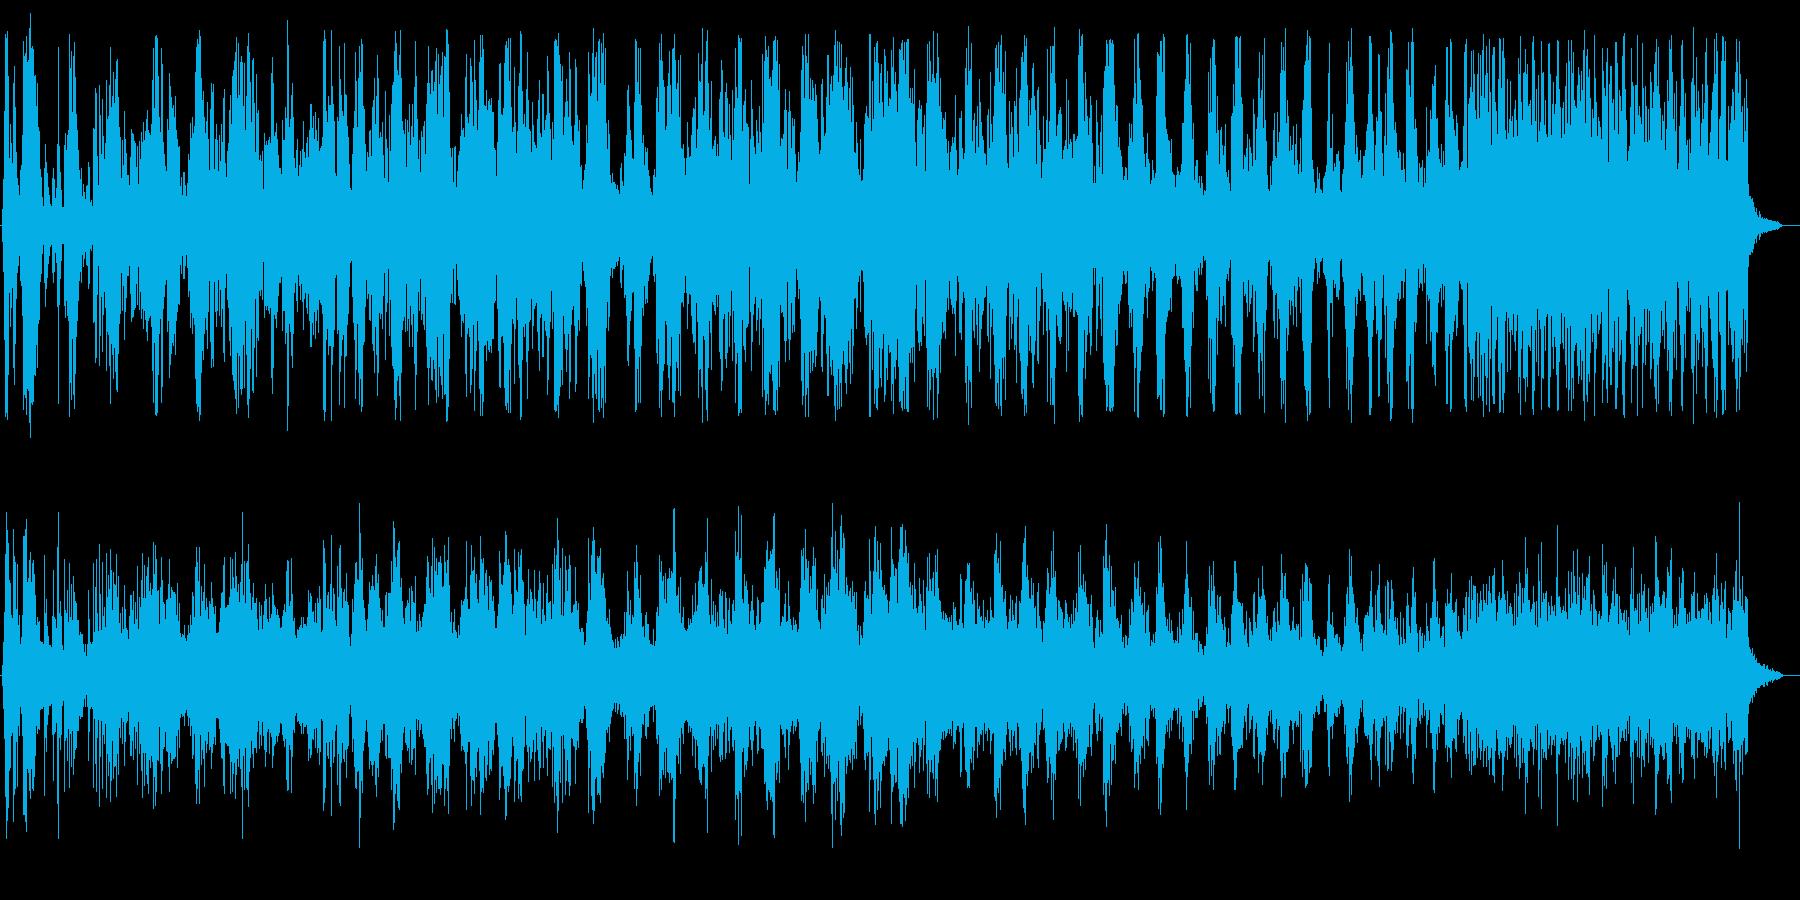 瓶のフタが回転する音の再生済みの波形